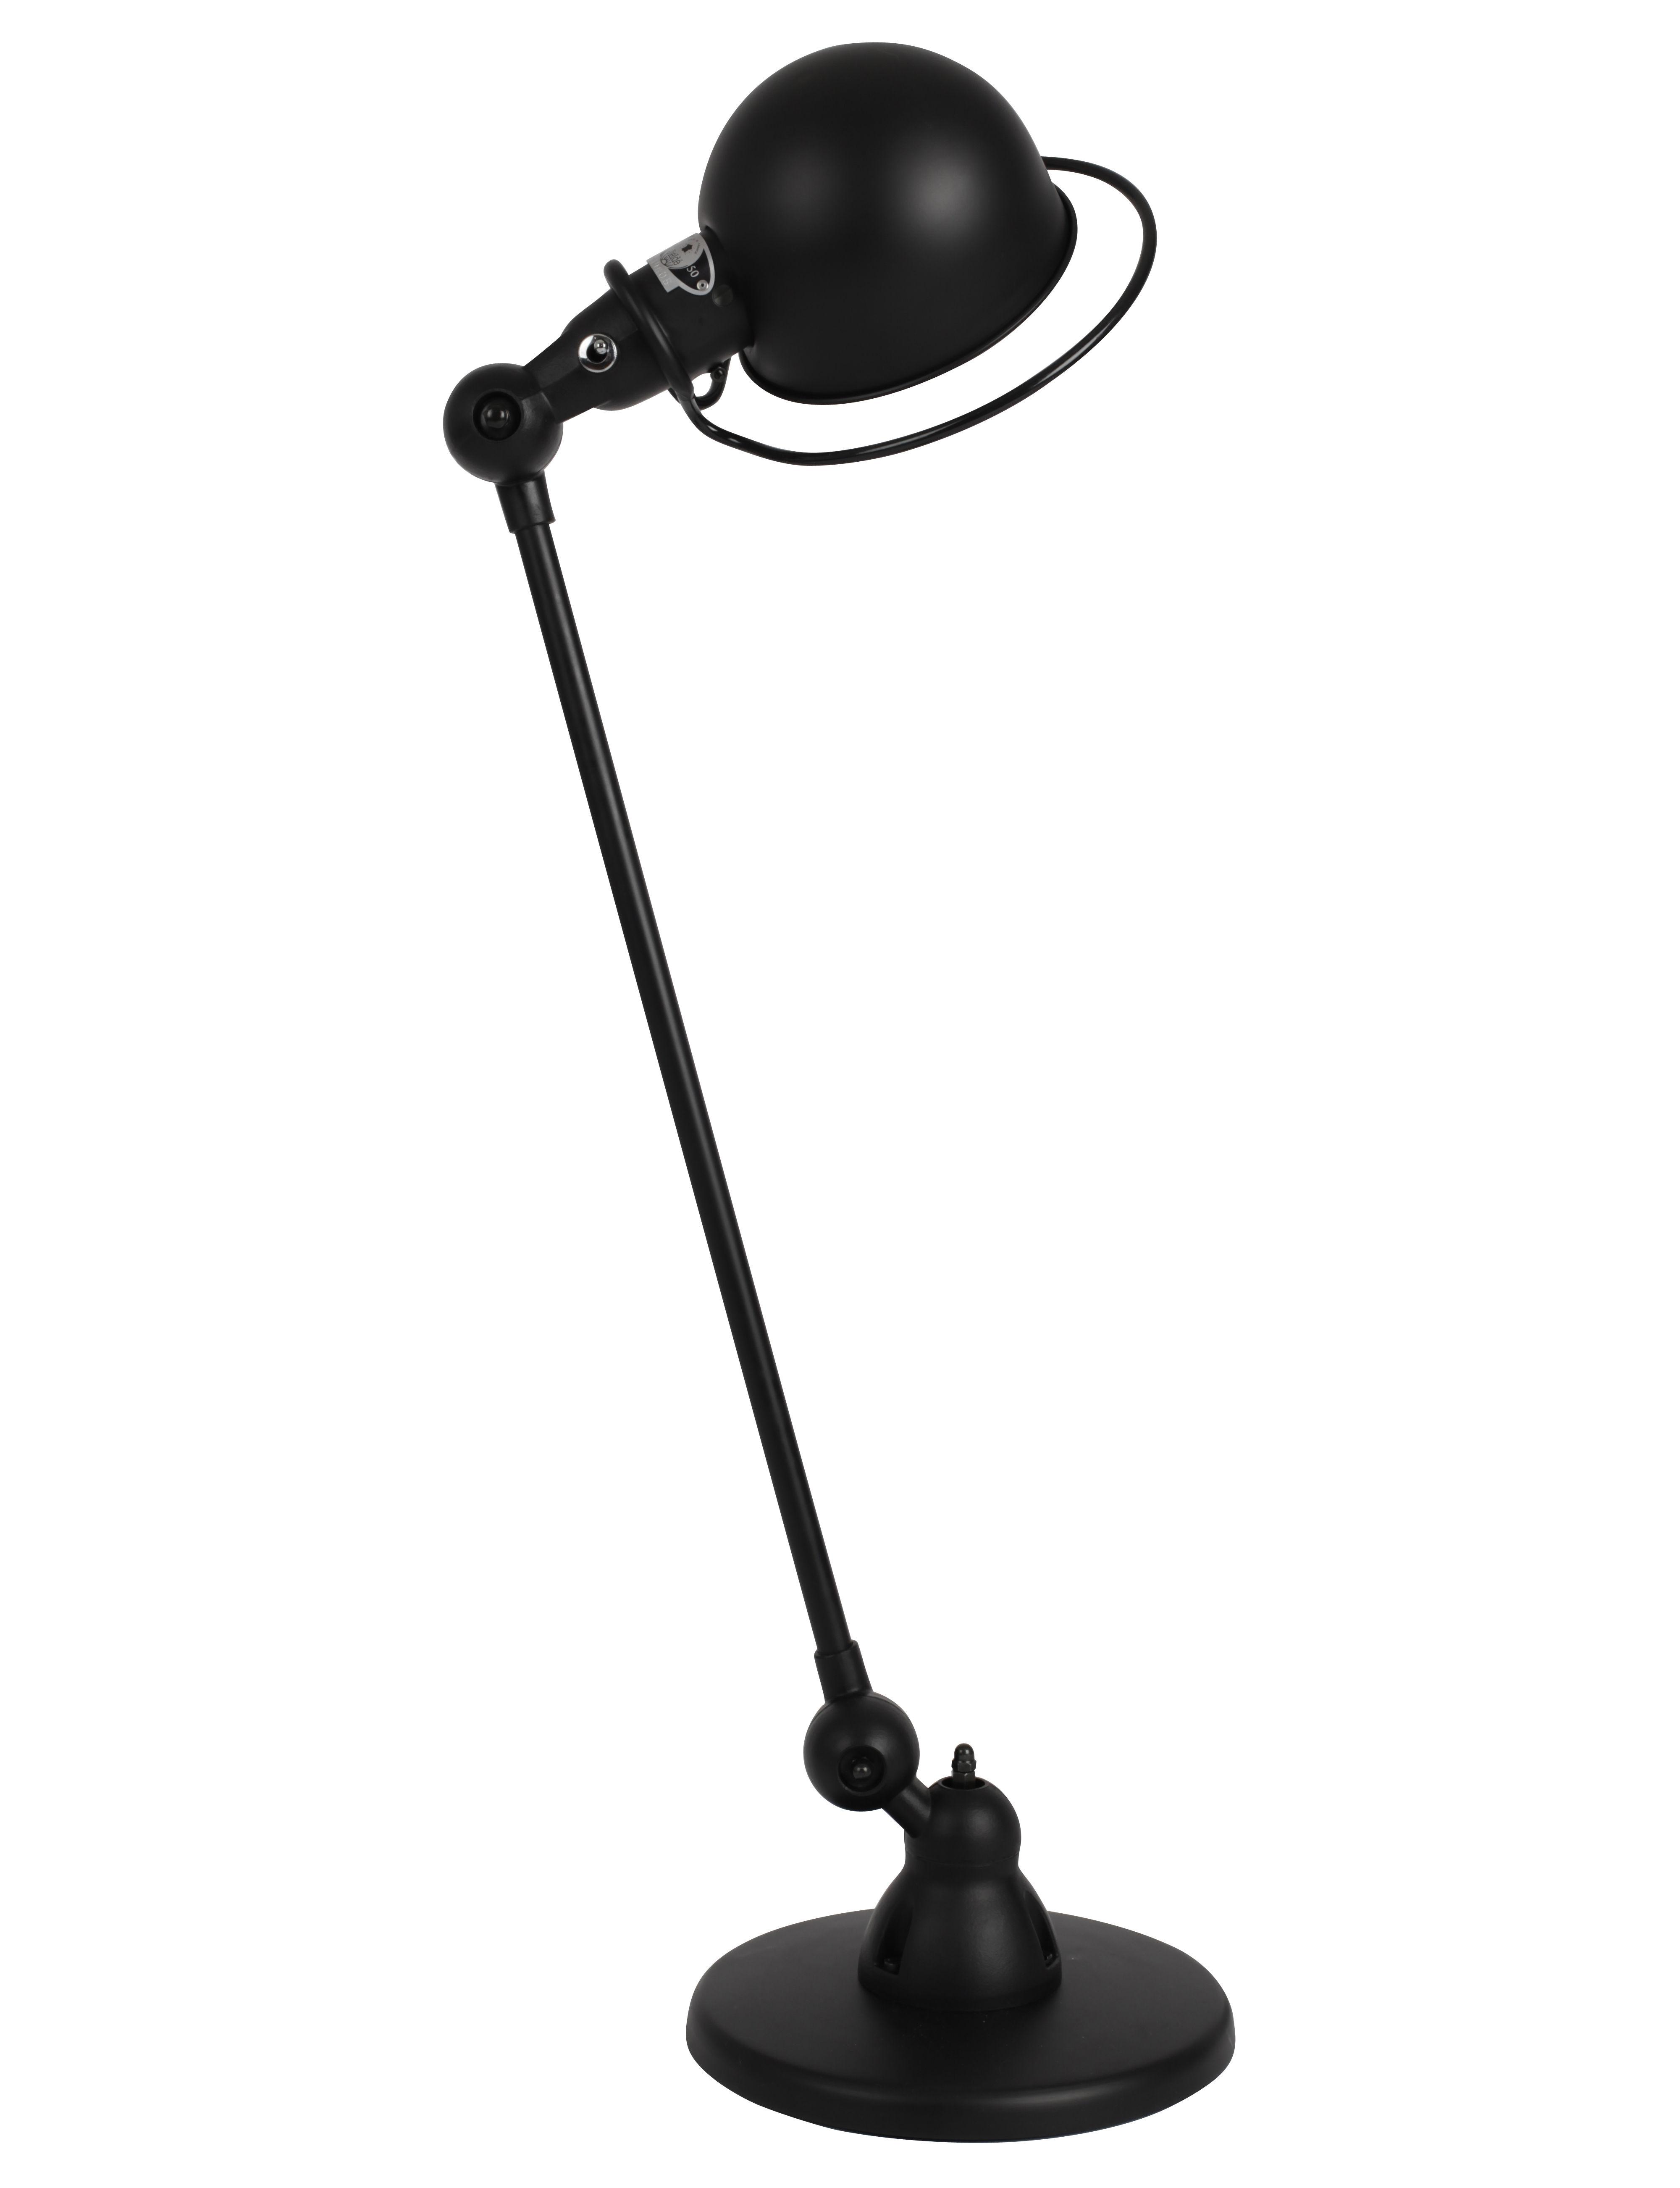 Leuchten - Tischleuchten - Loft Tischleuchte / mit Gelenkarm - L 60 cm - Jieldé - Schwarz, matt - Porzellan, rostfreier Stahl